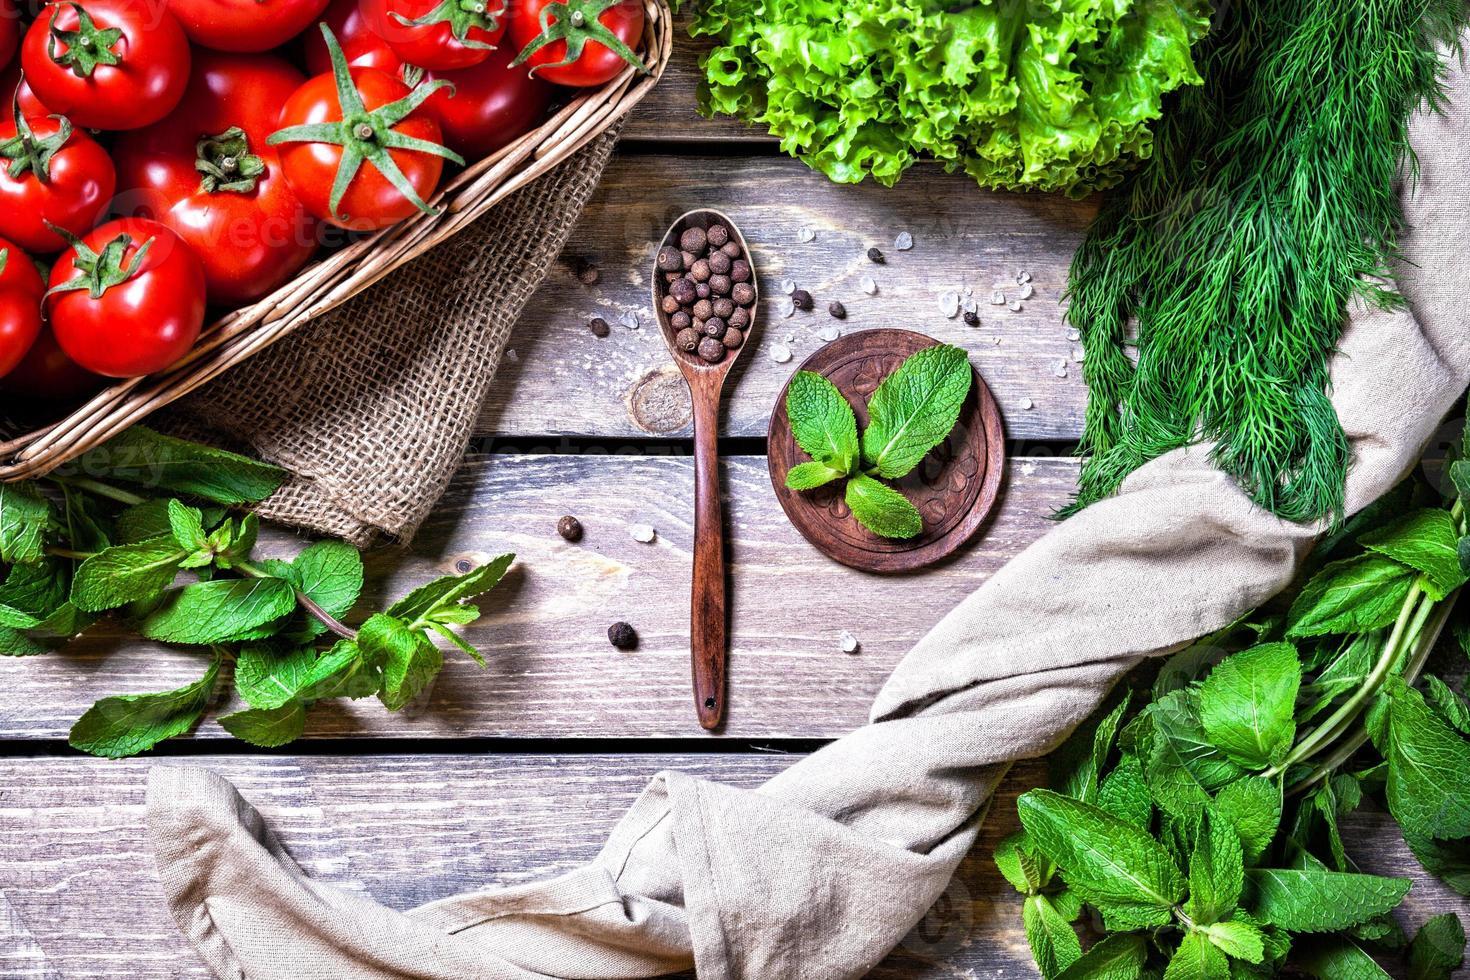 especiarias, ervas e vegetais foto